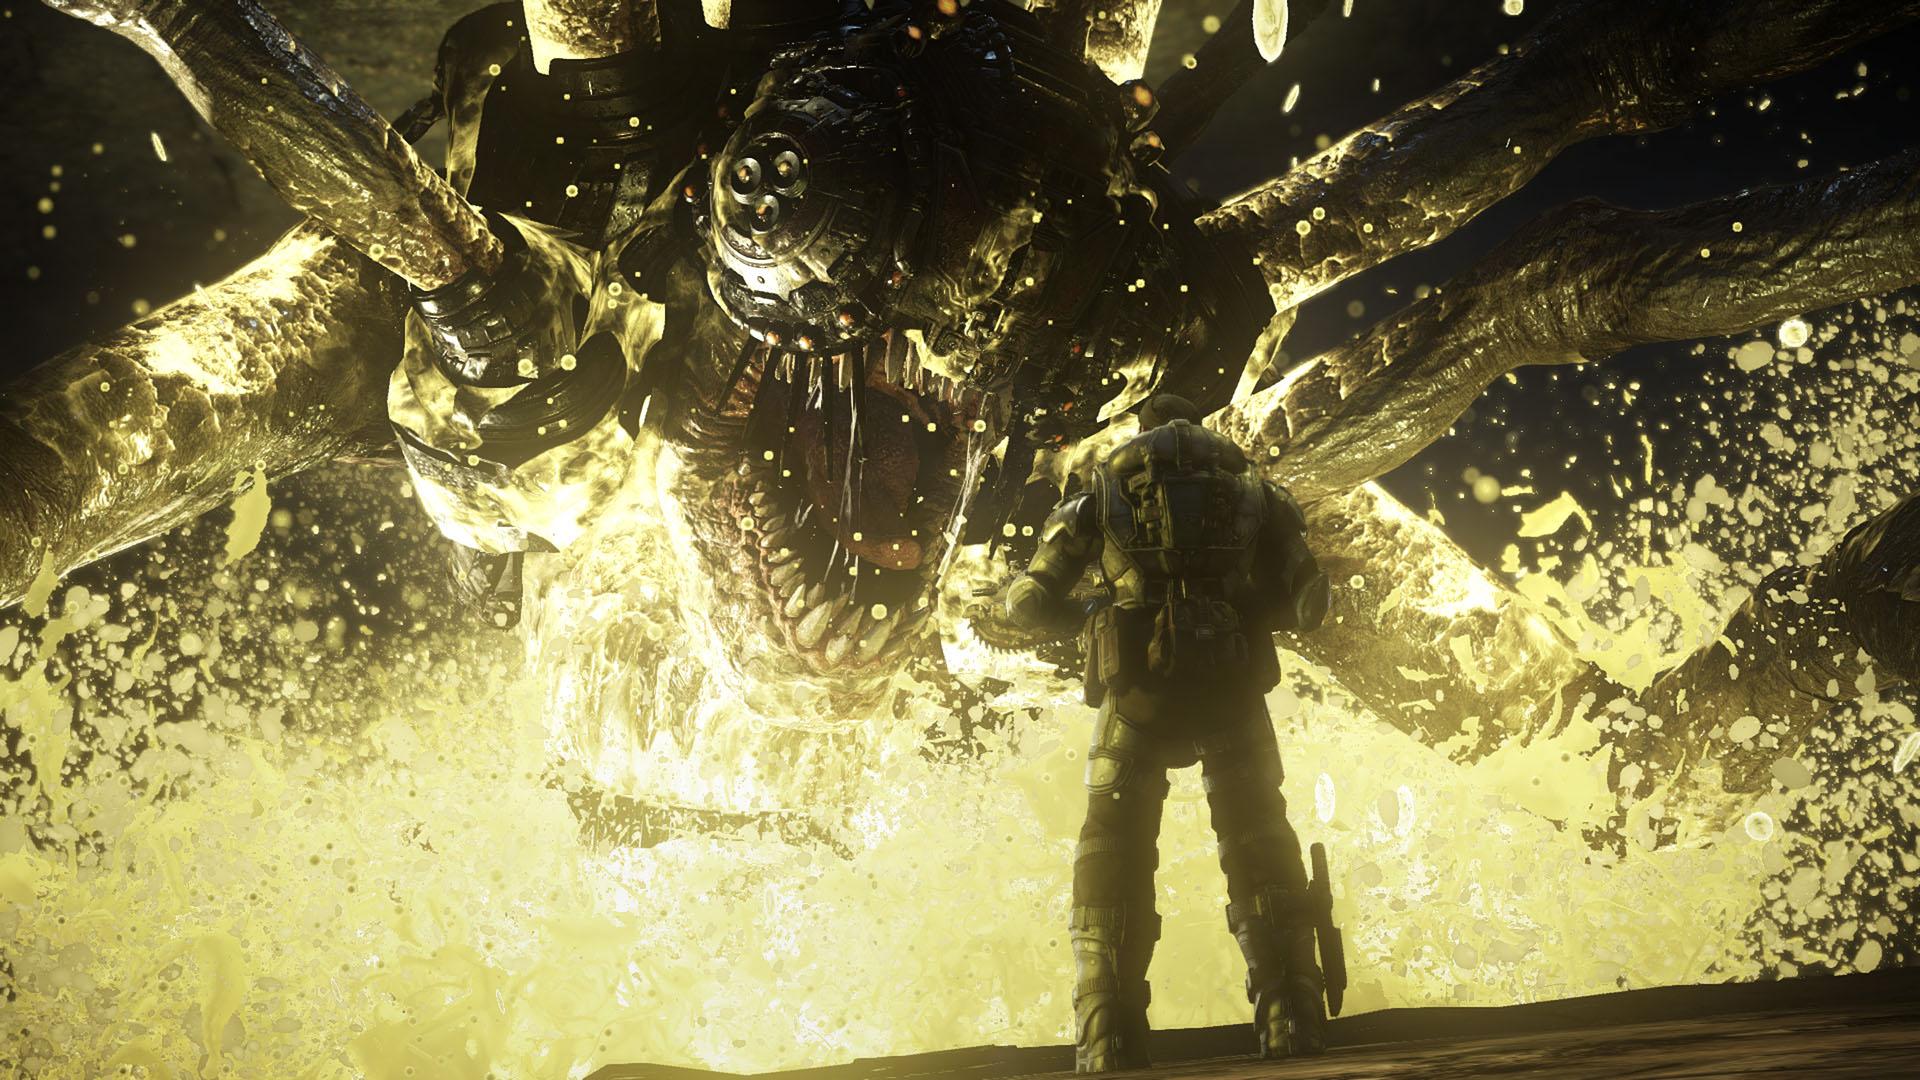 战争机器:终极版游戏图片欣赏